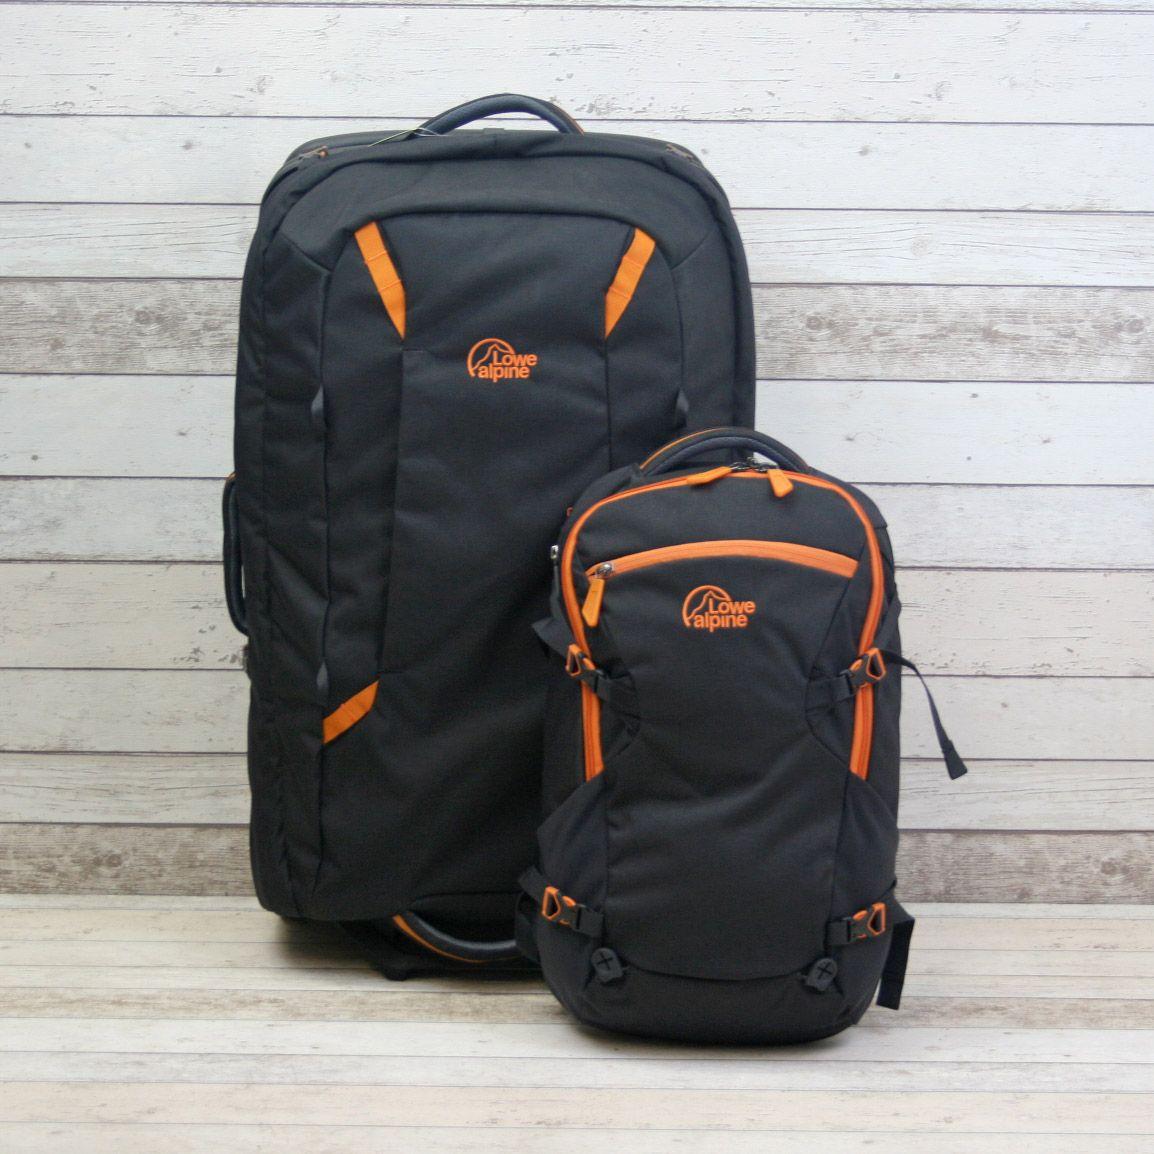 46f93de7ce78 Explorer 70+30L Wheeled Backpack